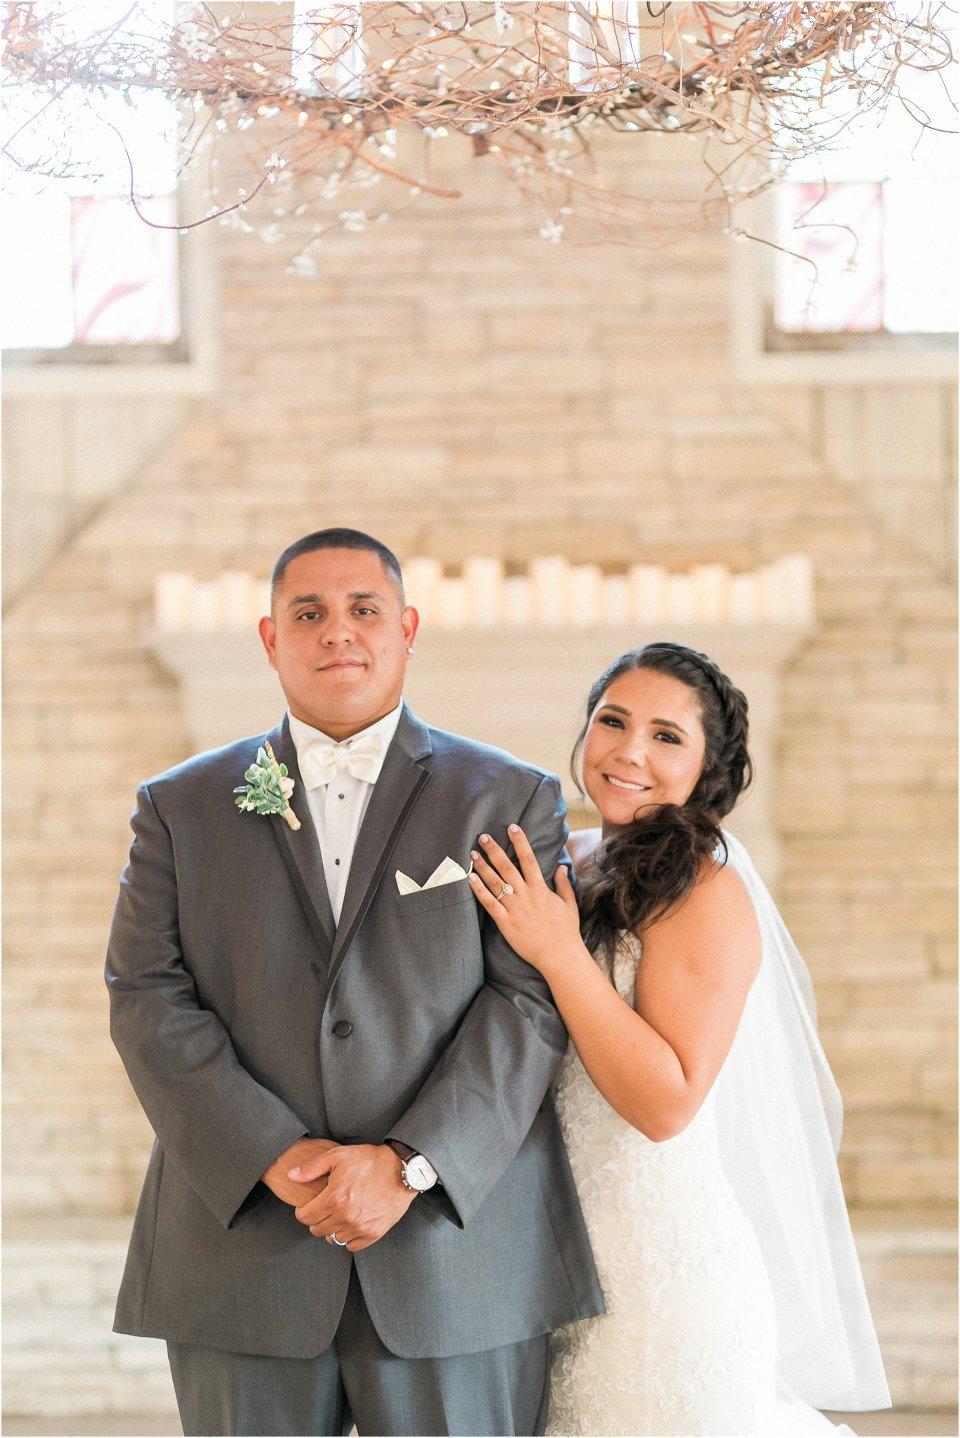 Rubidia C Photography Oakland Bay Area Walnut Creek Bay Area oakland SF Wedding Photographer CA_0080.jpg